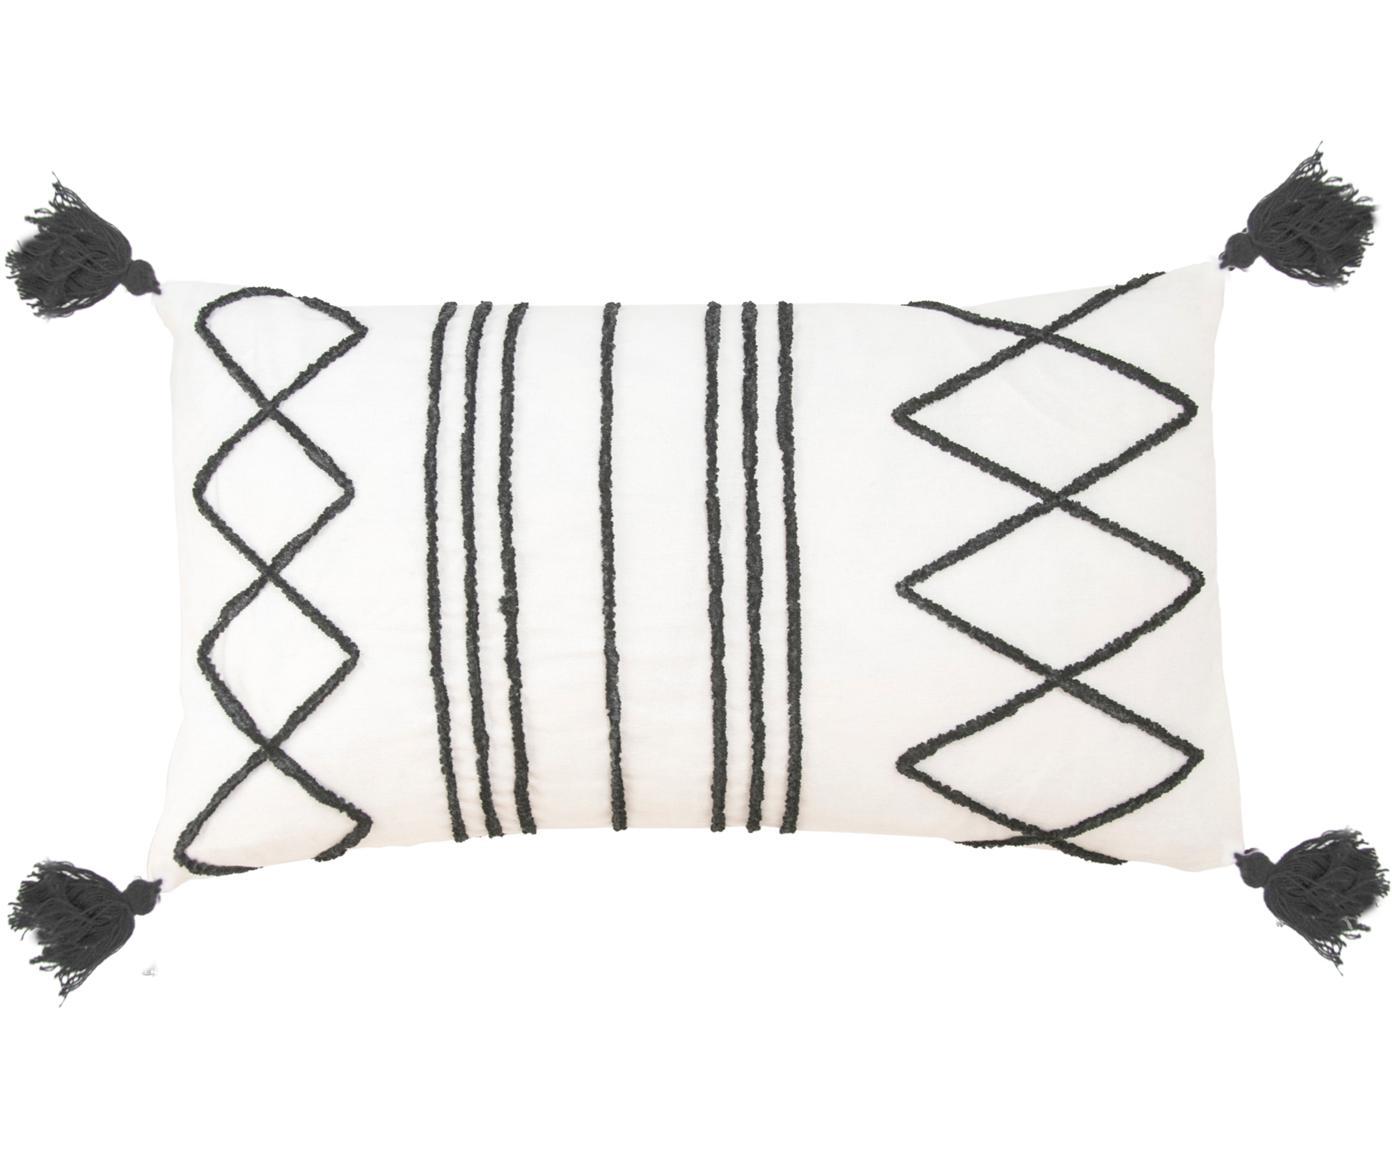 Kissenhülle Istanbul mit Hoch-Tief-Muster aus Chenille und Quasten, 100% Baumwolle, Weiß, Schwarz, 30 x 50 cm